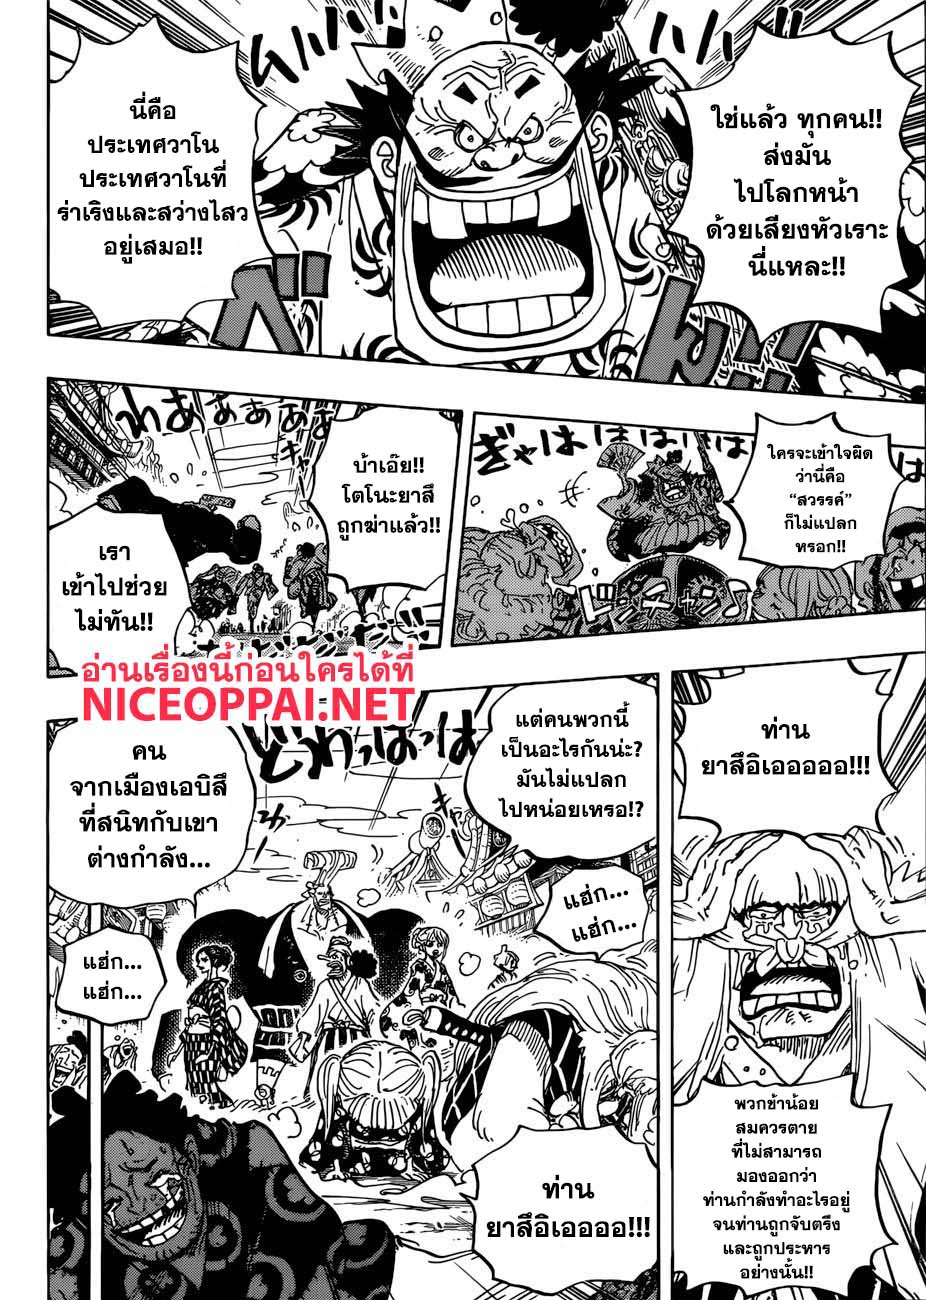 อ่านการ์ตูน One Piece ตอนที่ 943 หน้าที่ 6